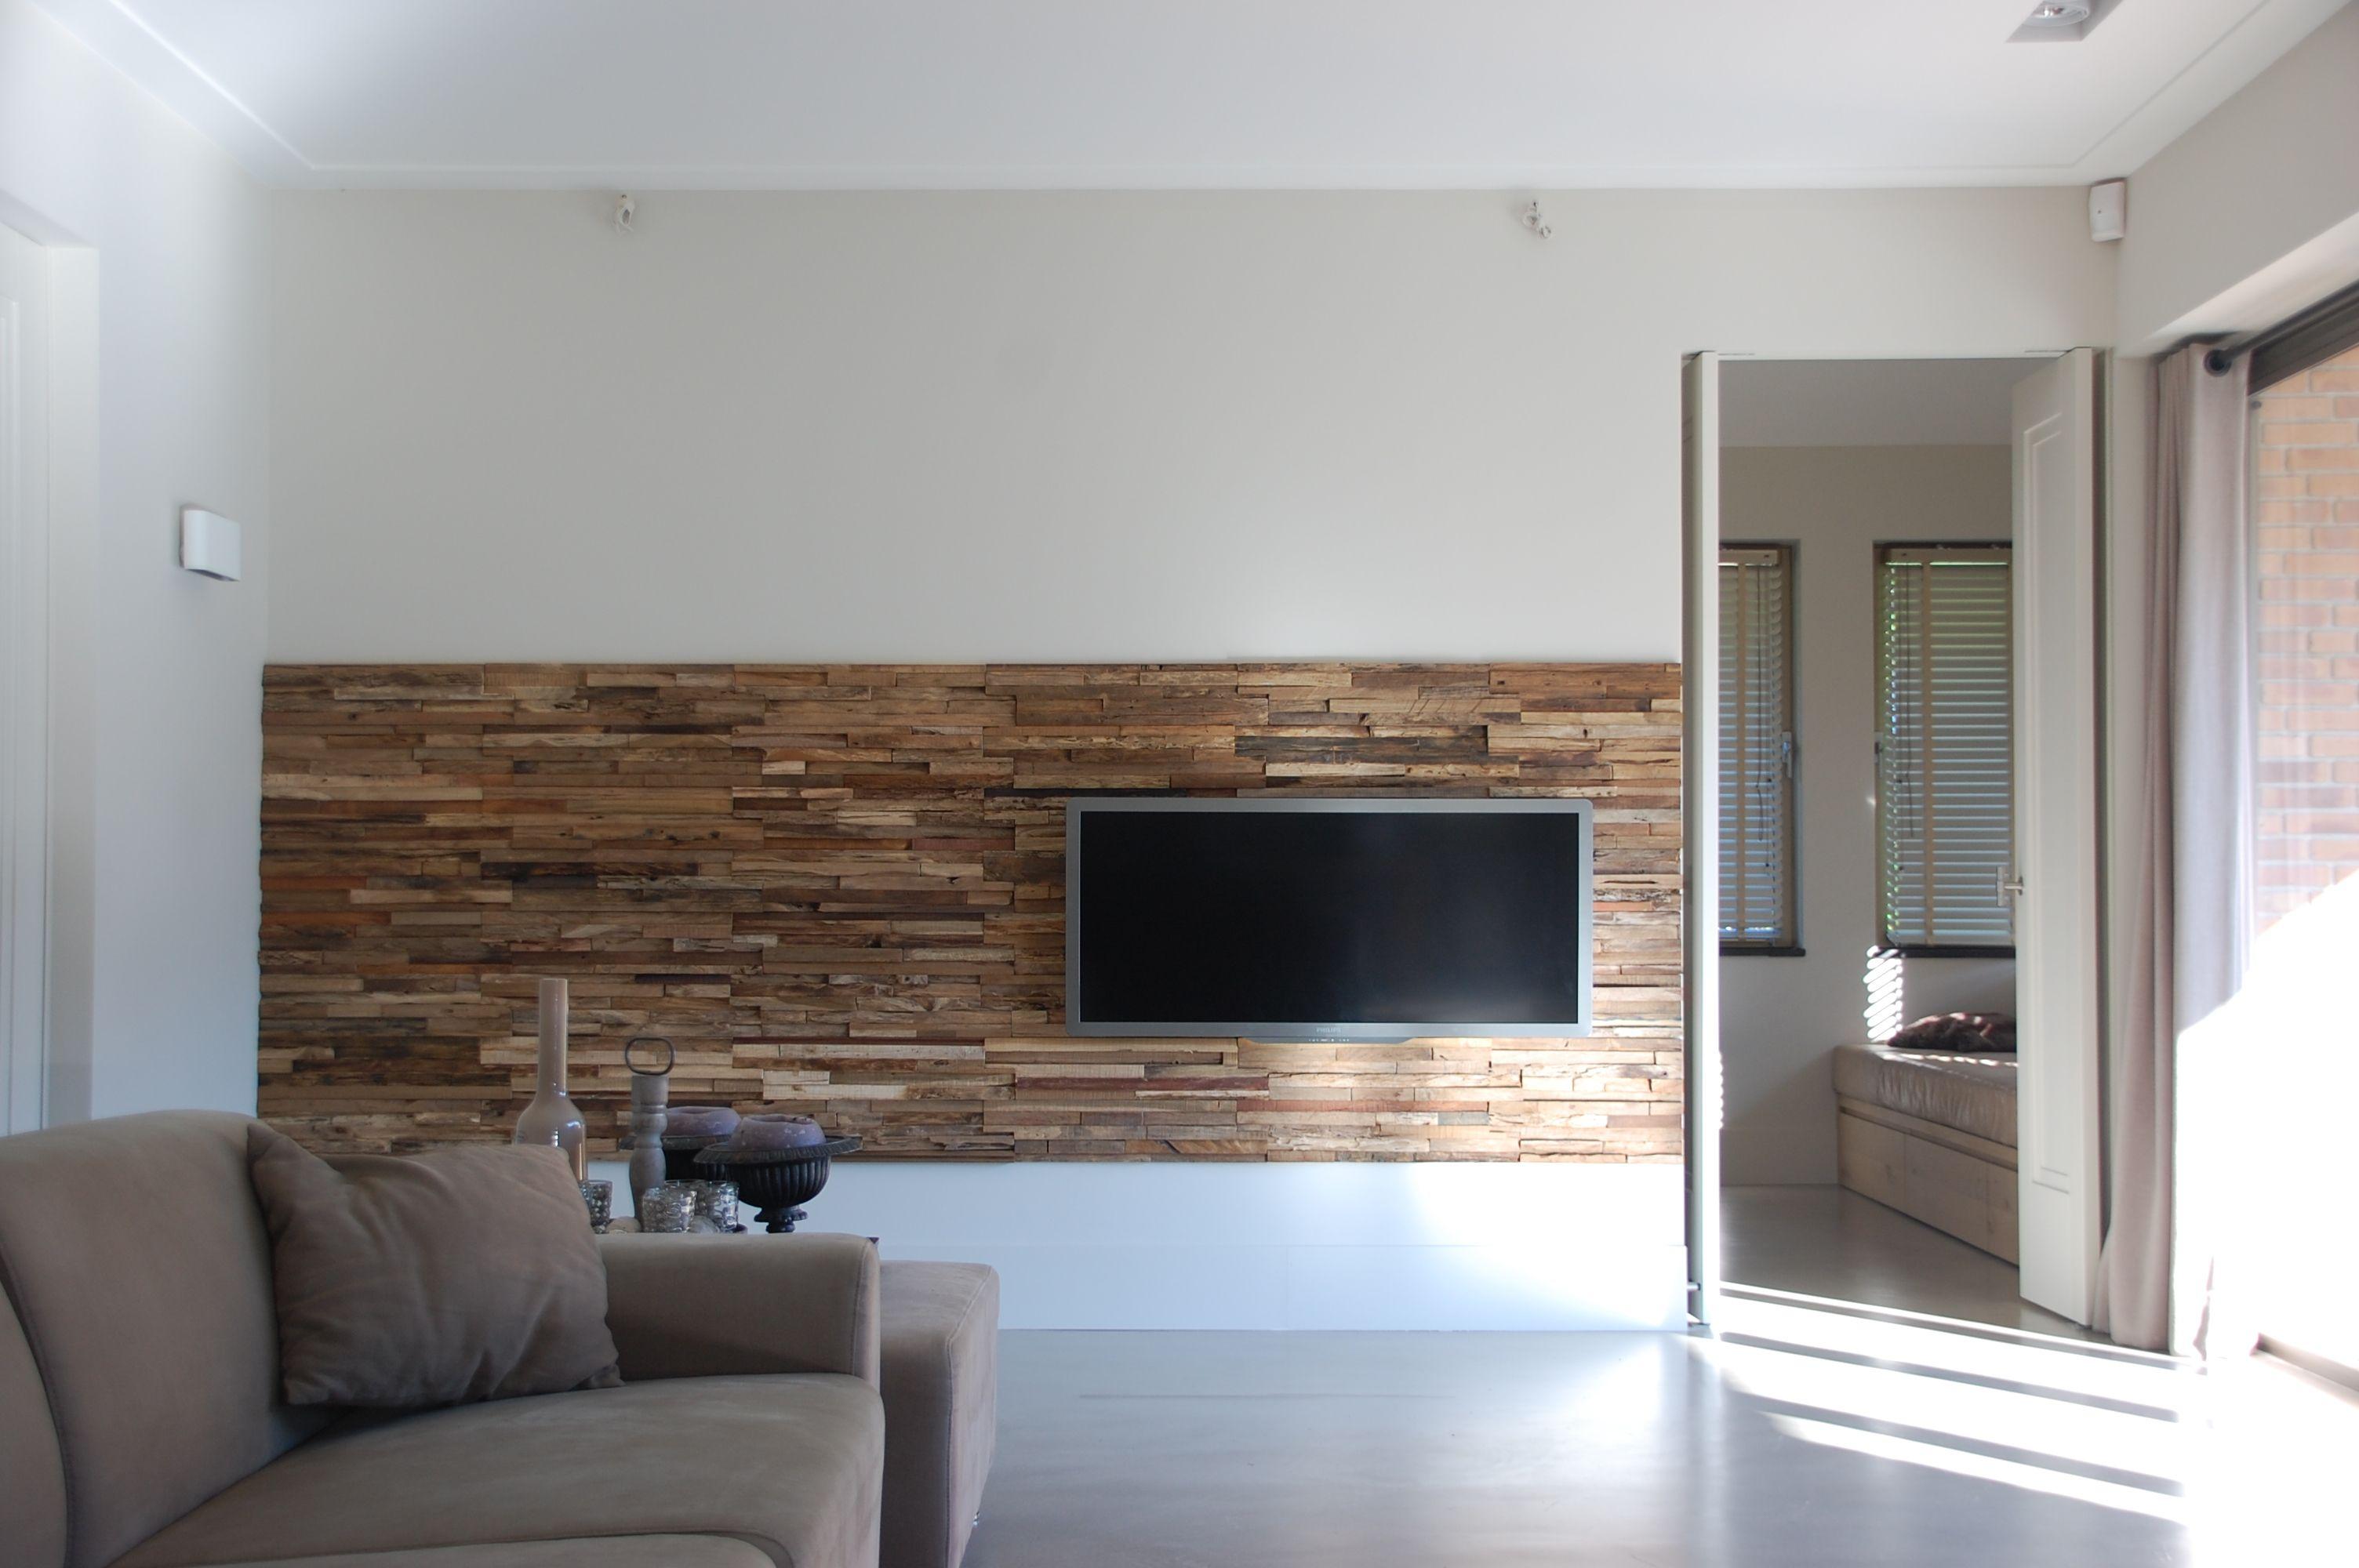 Pingl Par August Dolci Sur Living Rooms Pinterest D Co  # Panneau Tv Mural